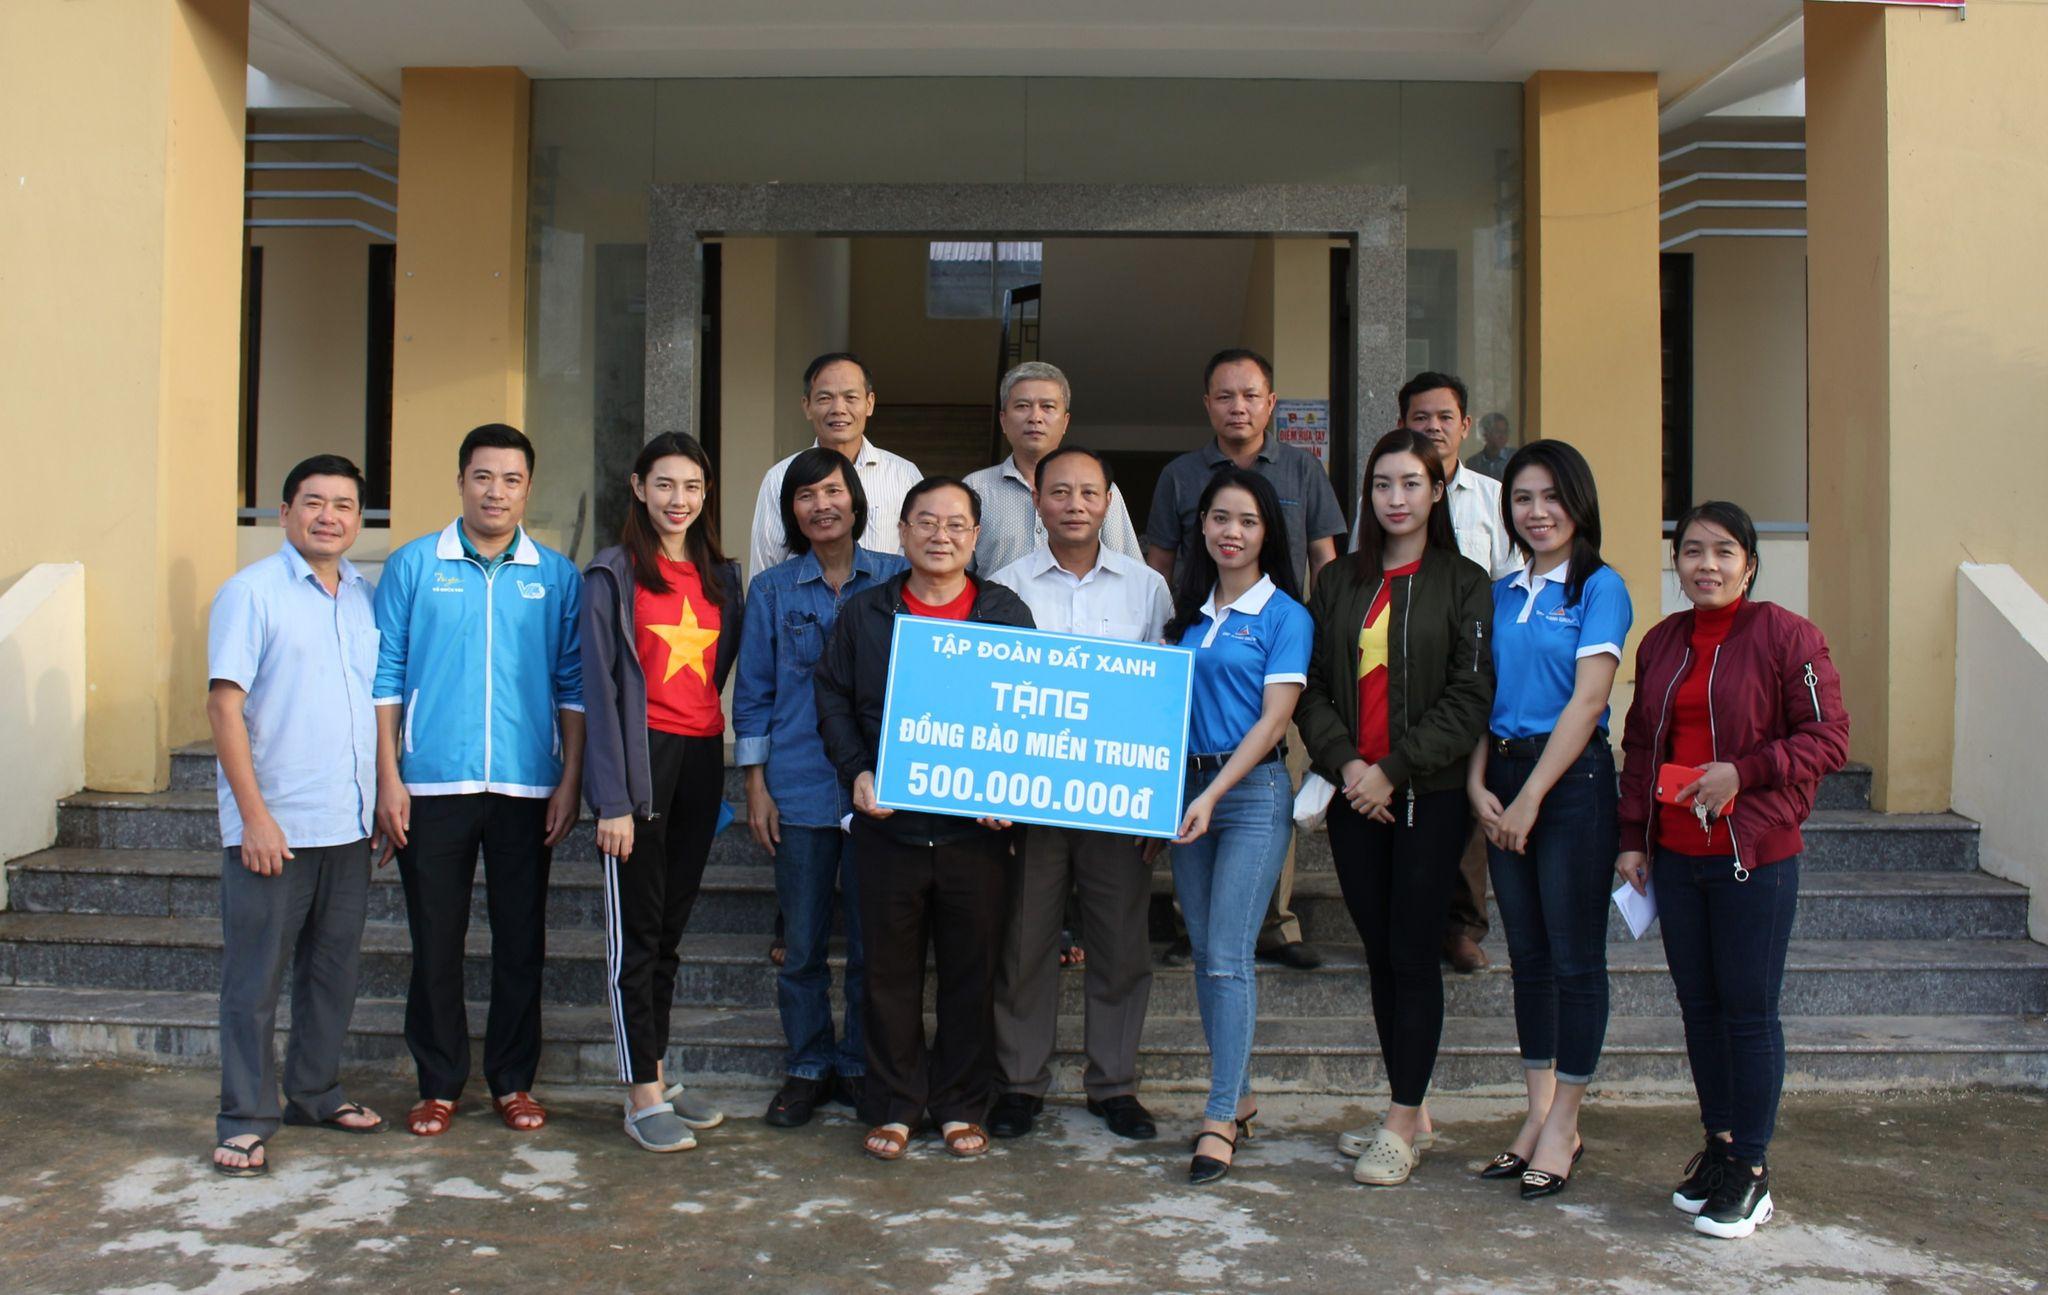 Tập đoàn Đất Xanh đã ủng hộ 500 triệu đồng đến người dân vùng lũ tại ba tỉnh Thừa Thiên Huế, Quảng Trị và Quảng Bình. Hình: DXG